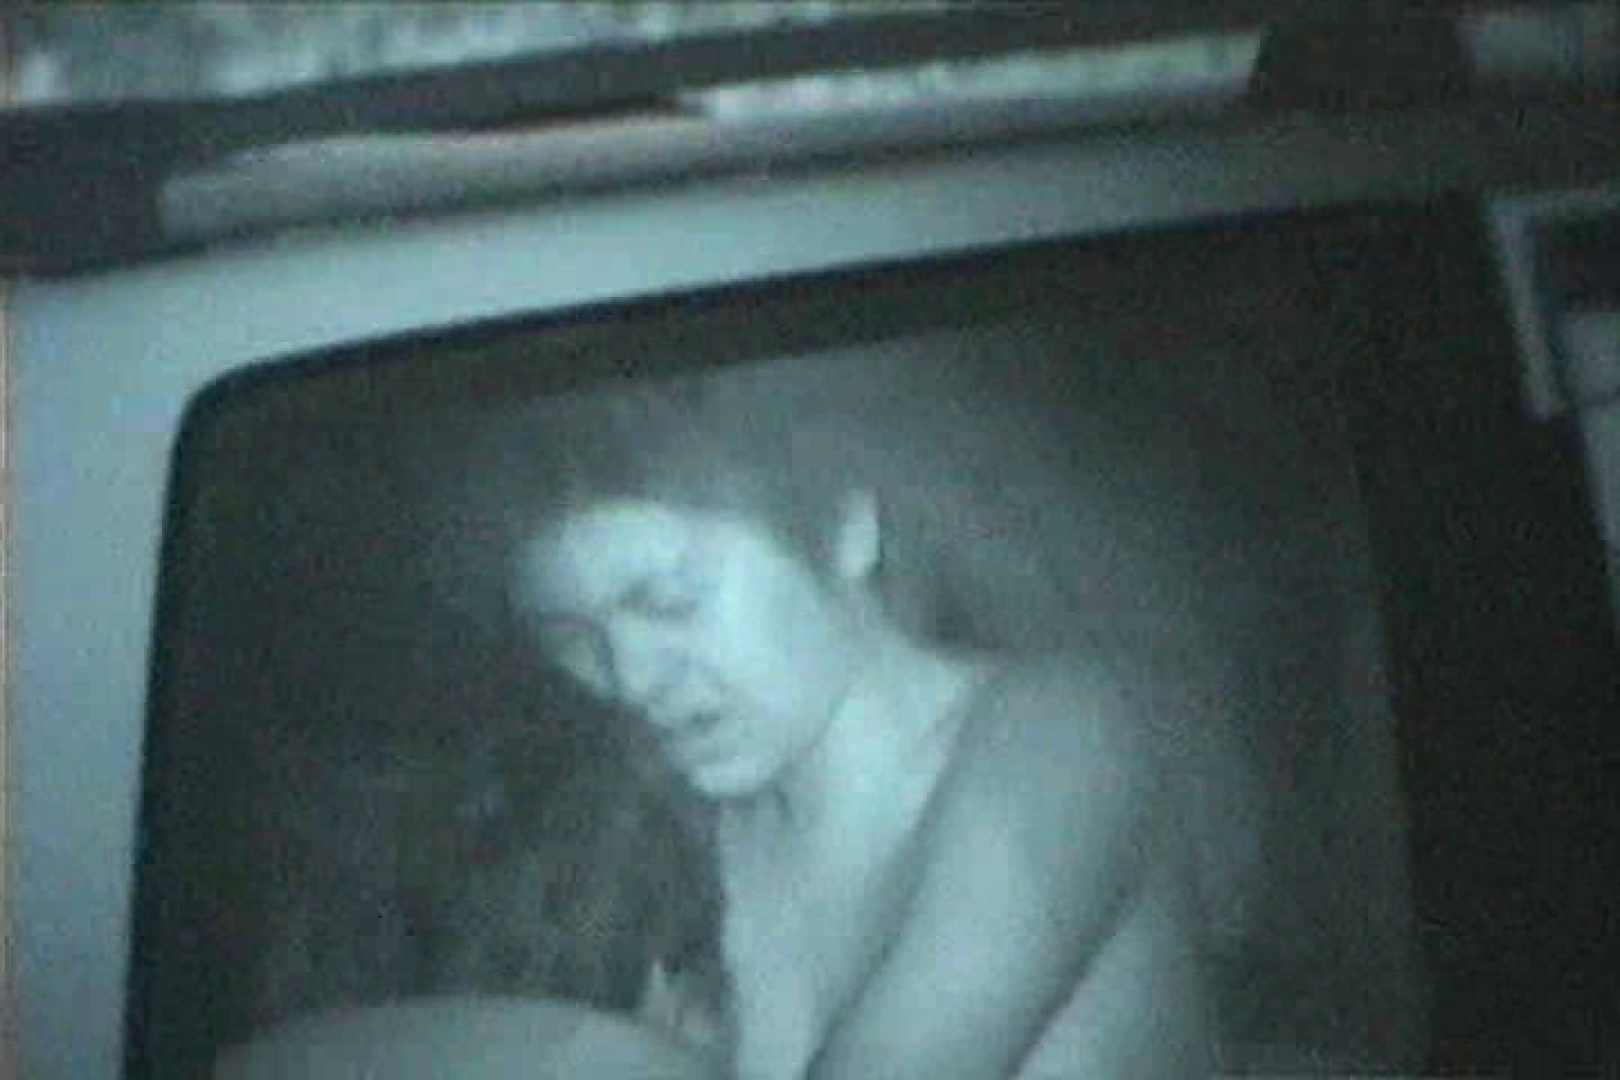 車の中はラブホテル 無修正版  Vol.25 カップルのセックス 覗きおまんこ画像 103PIX 86